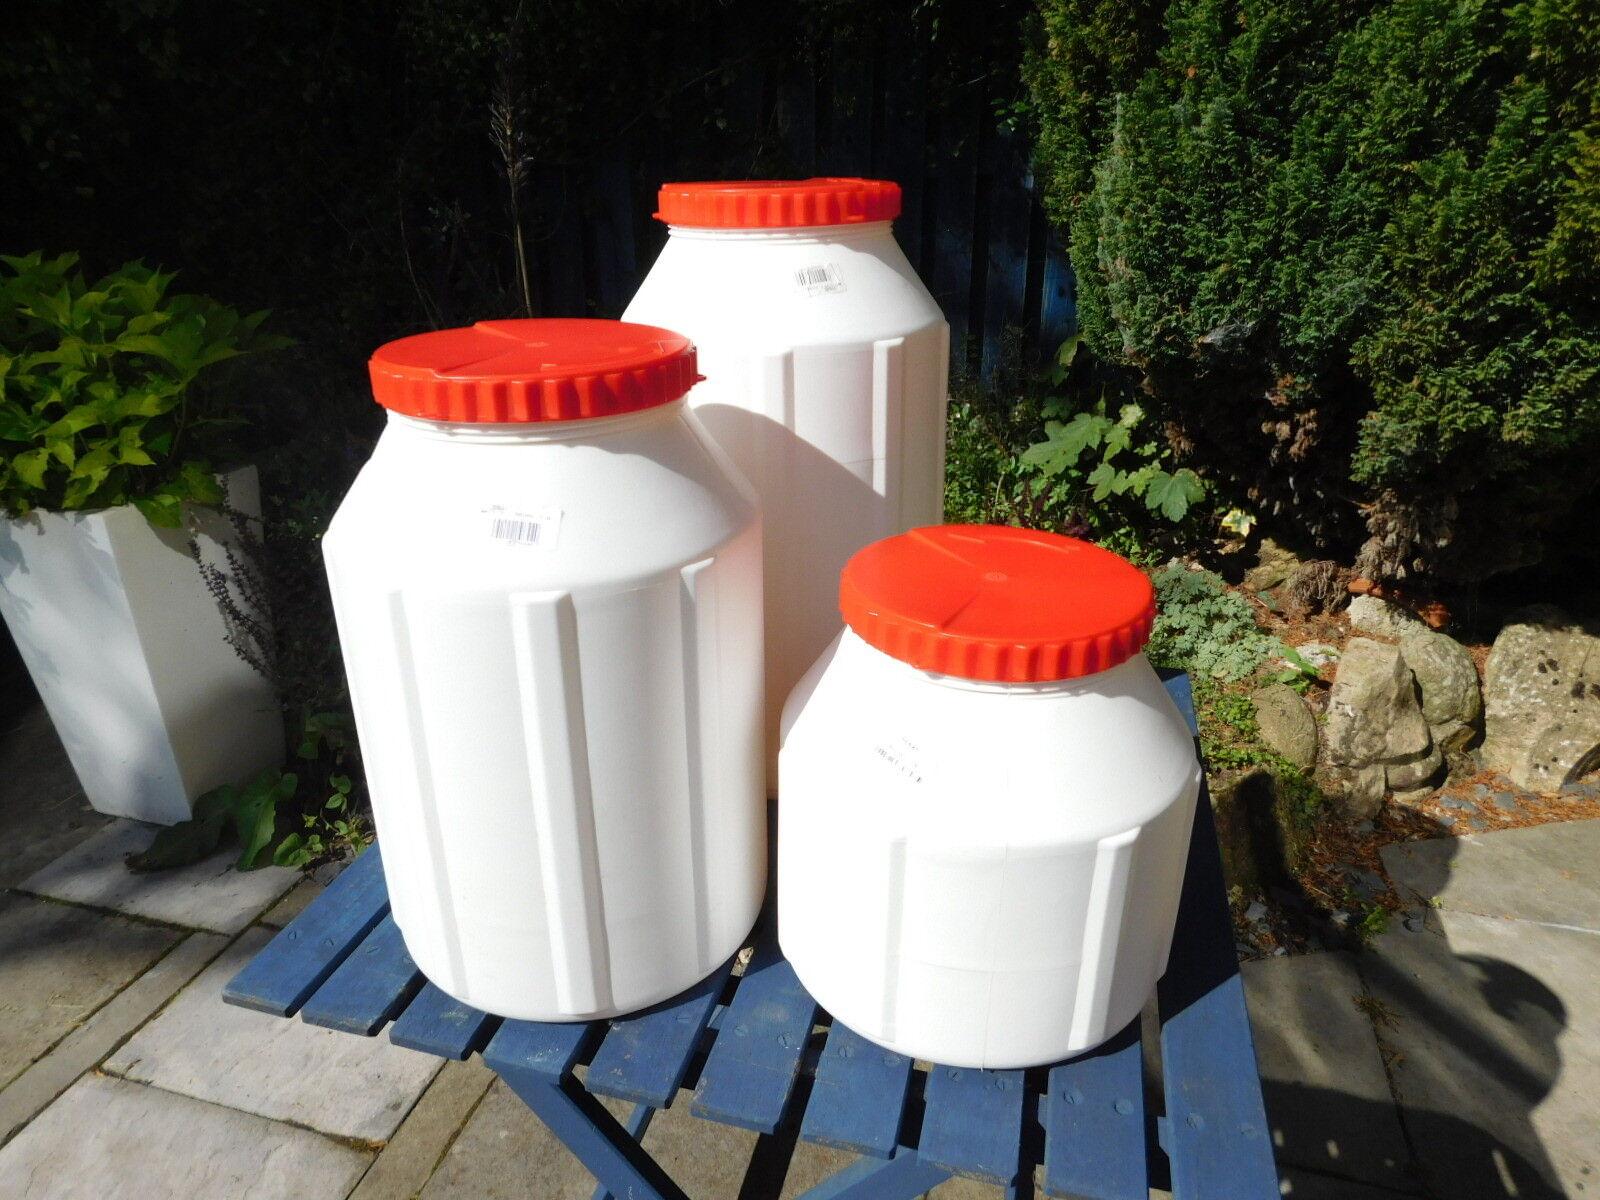 New Lalizas Waterproof Plastic Storage Tubs